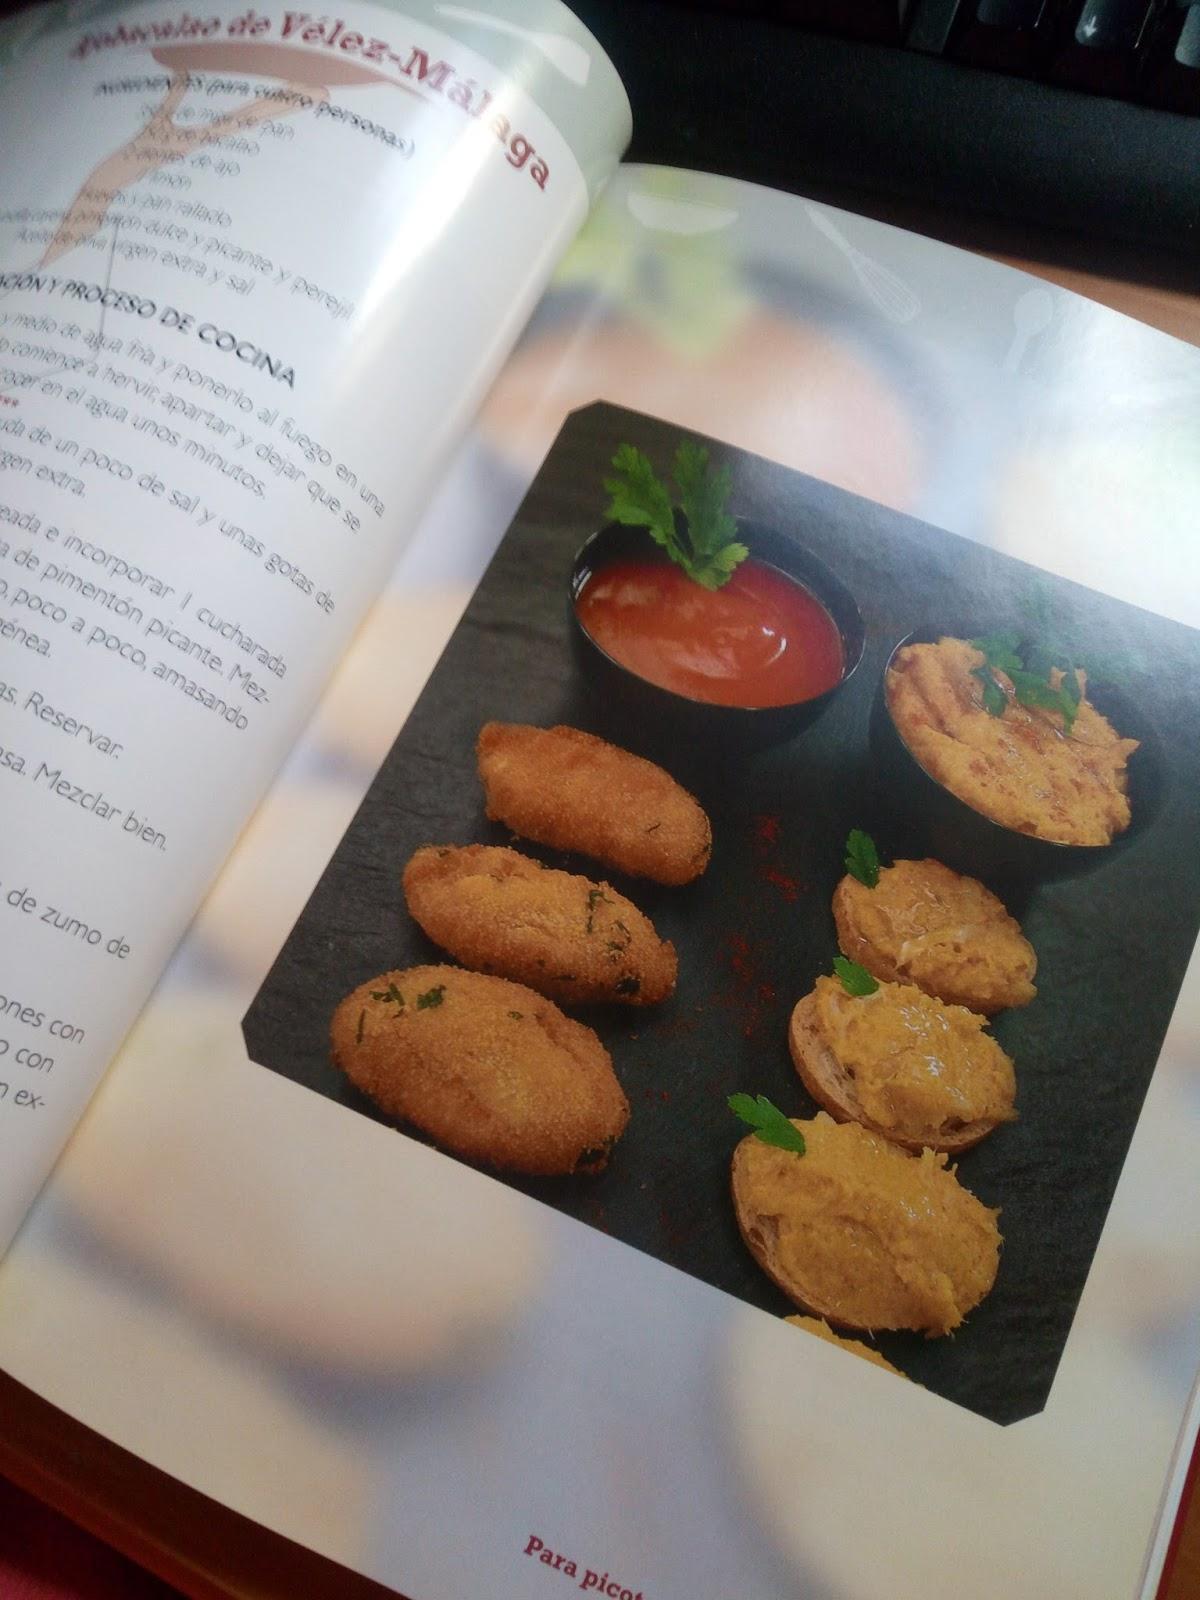 Cocina canal sur recetas de cometelo videos great receta adaptada del - La cocina de cometelo ...